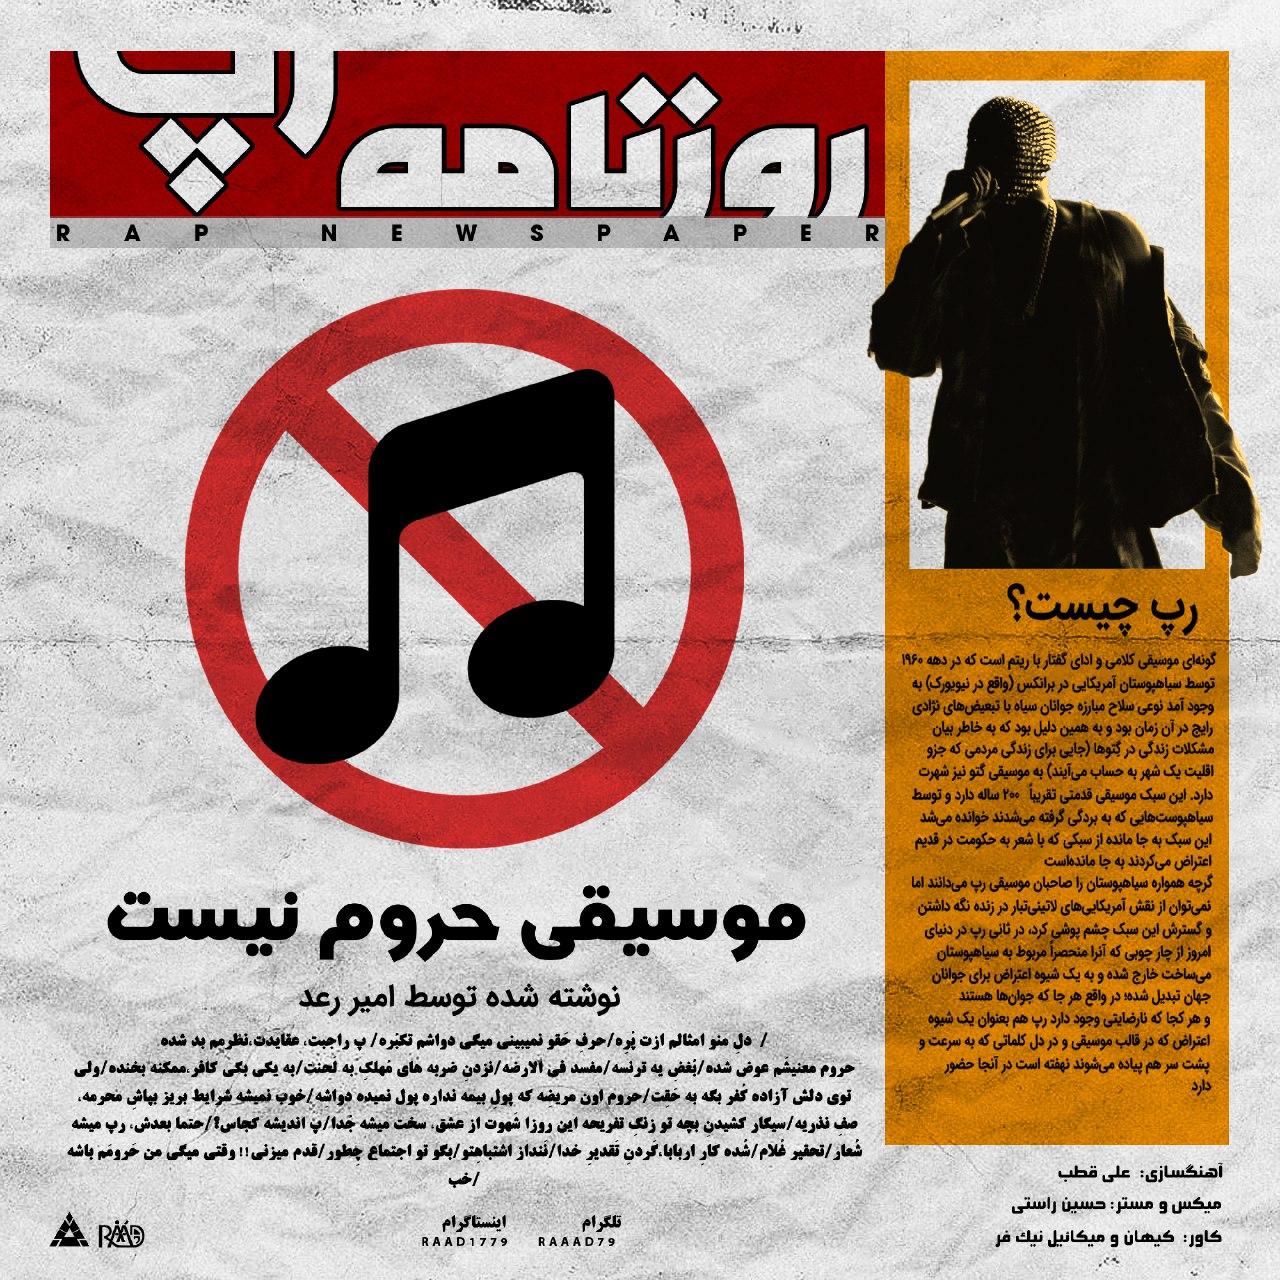 آهنگ جدید امیر رعد به نام موسیقی حروم نیست